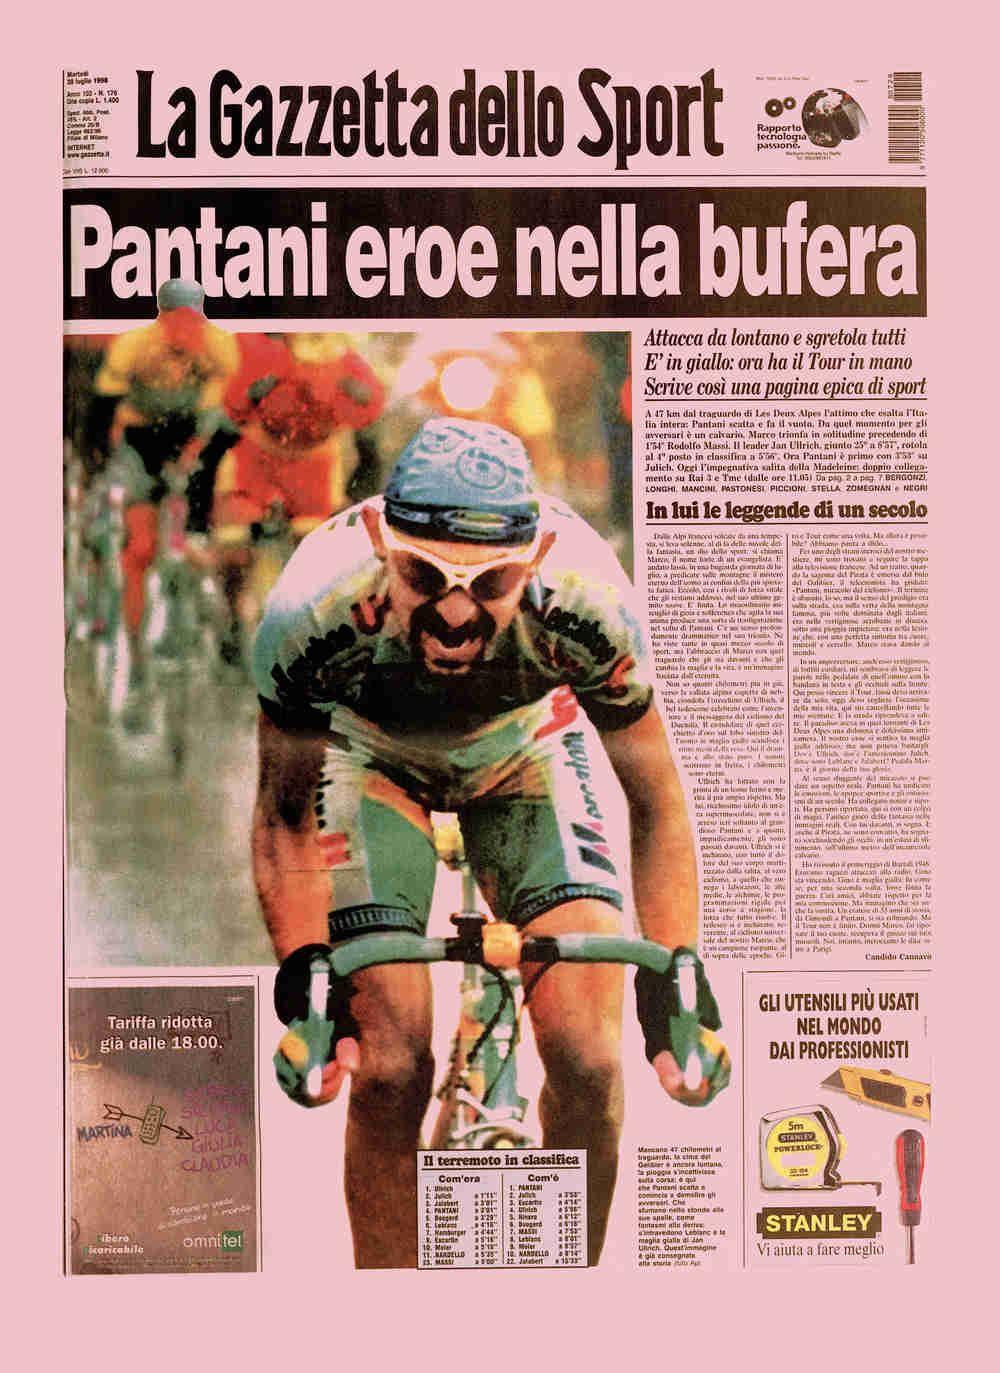 Prima pagina de La Gazzetta Dello Sport del 28 luglio 1998